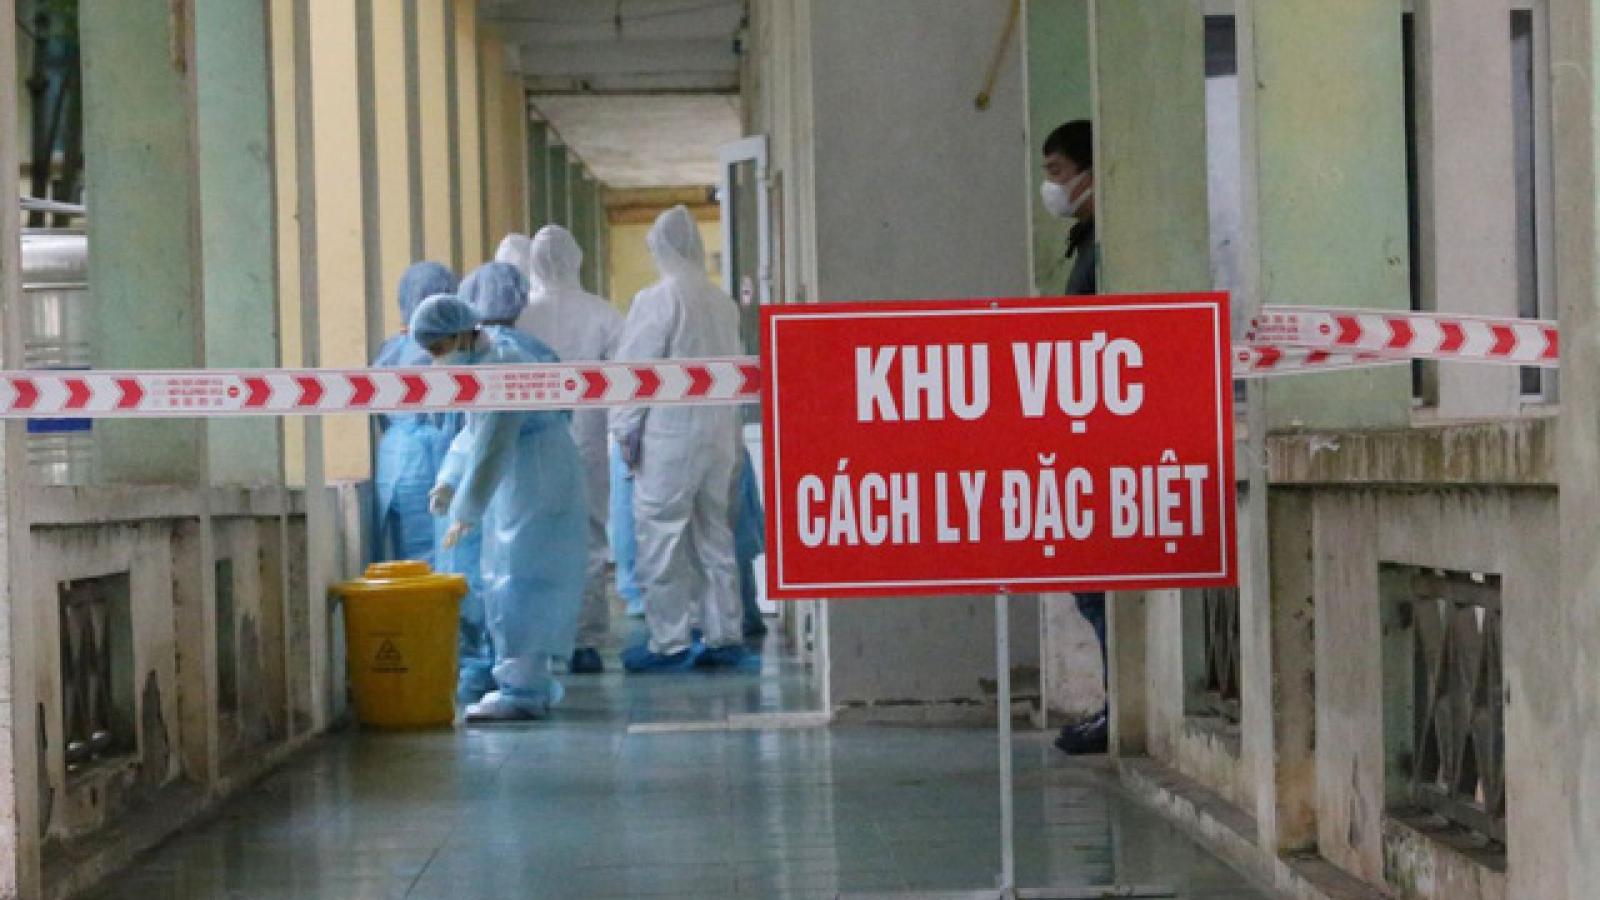 Cách ly tại nhà từ vụ nam tiếp viên Vietnam Airlines mắc Covid-19:Ai quản, quản ai?